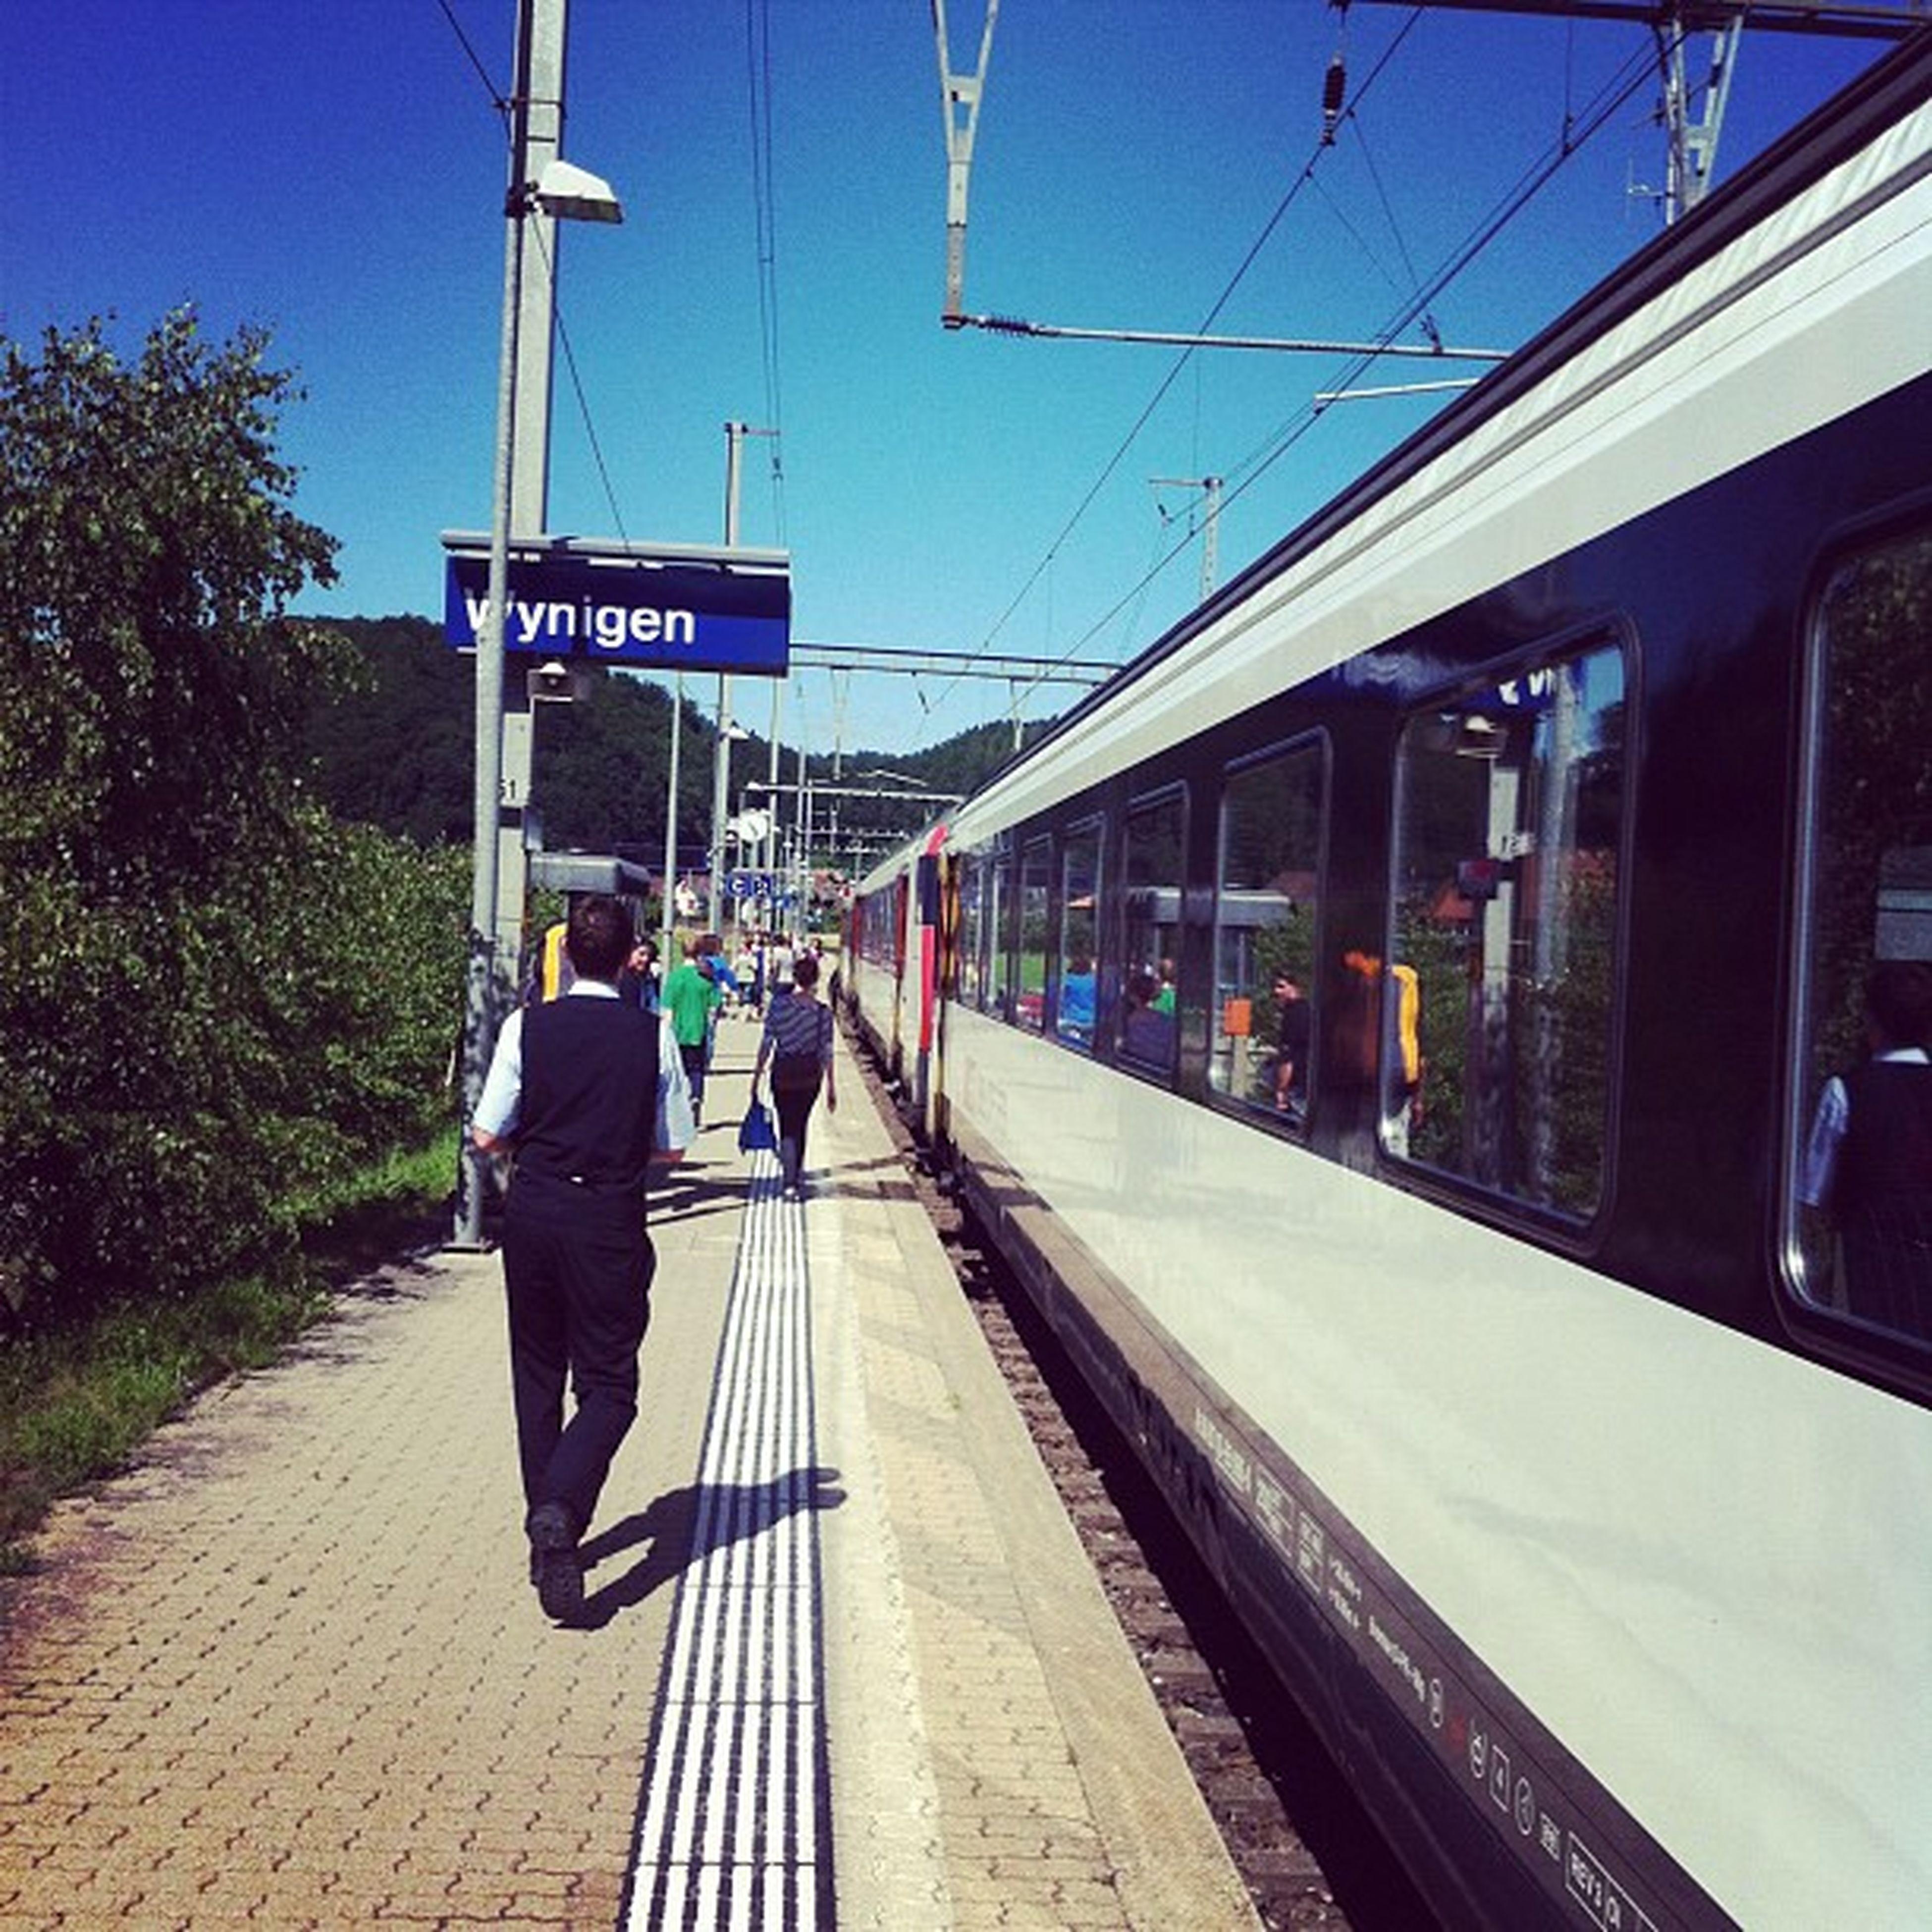 #wynigen #sbb Bahnhof SBB Wynigen